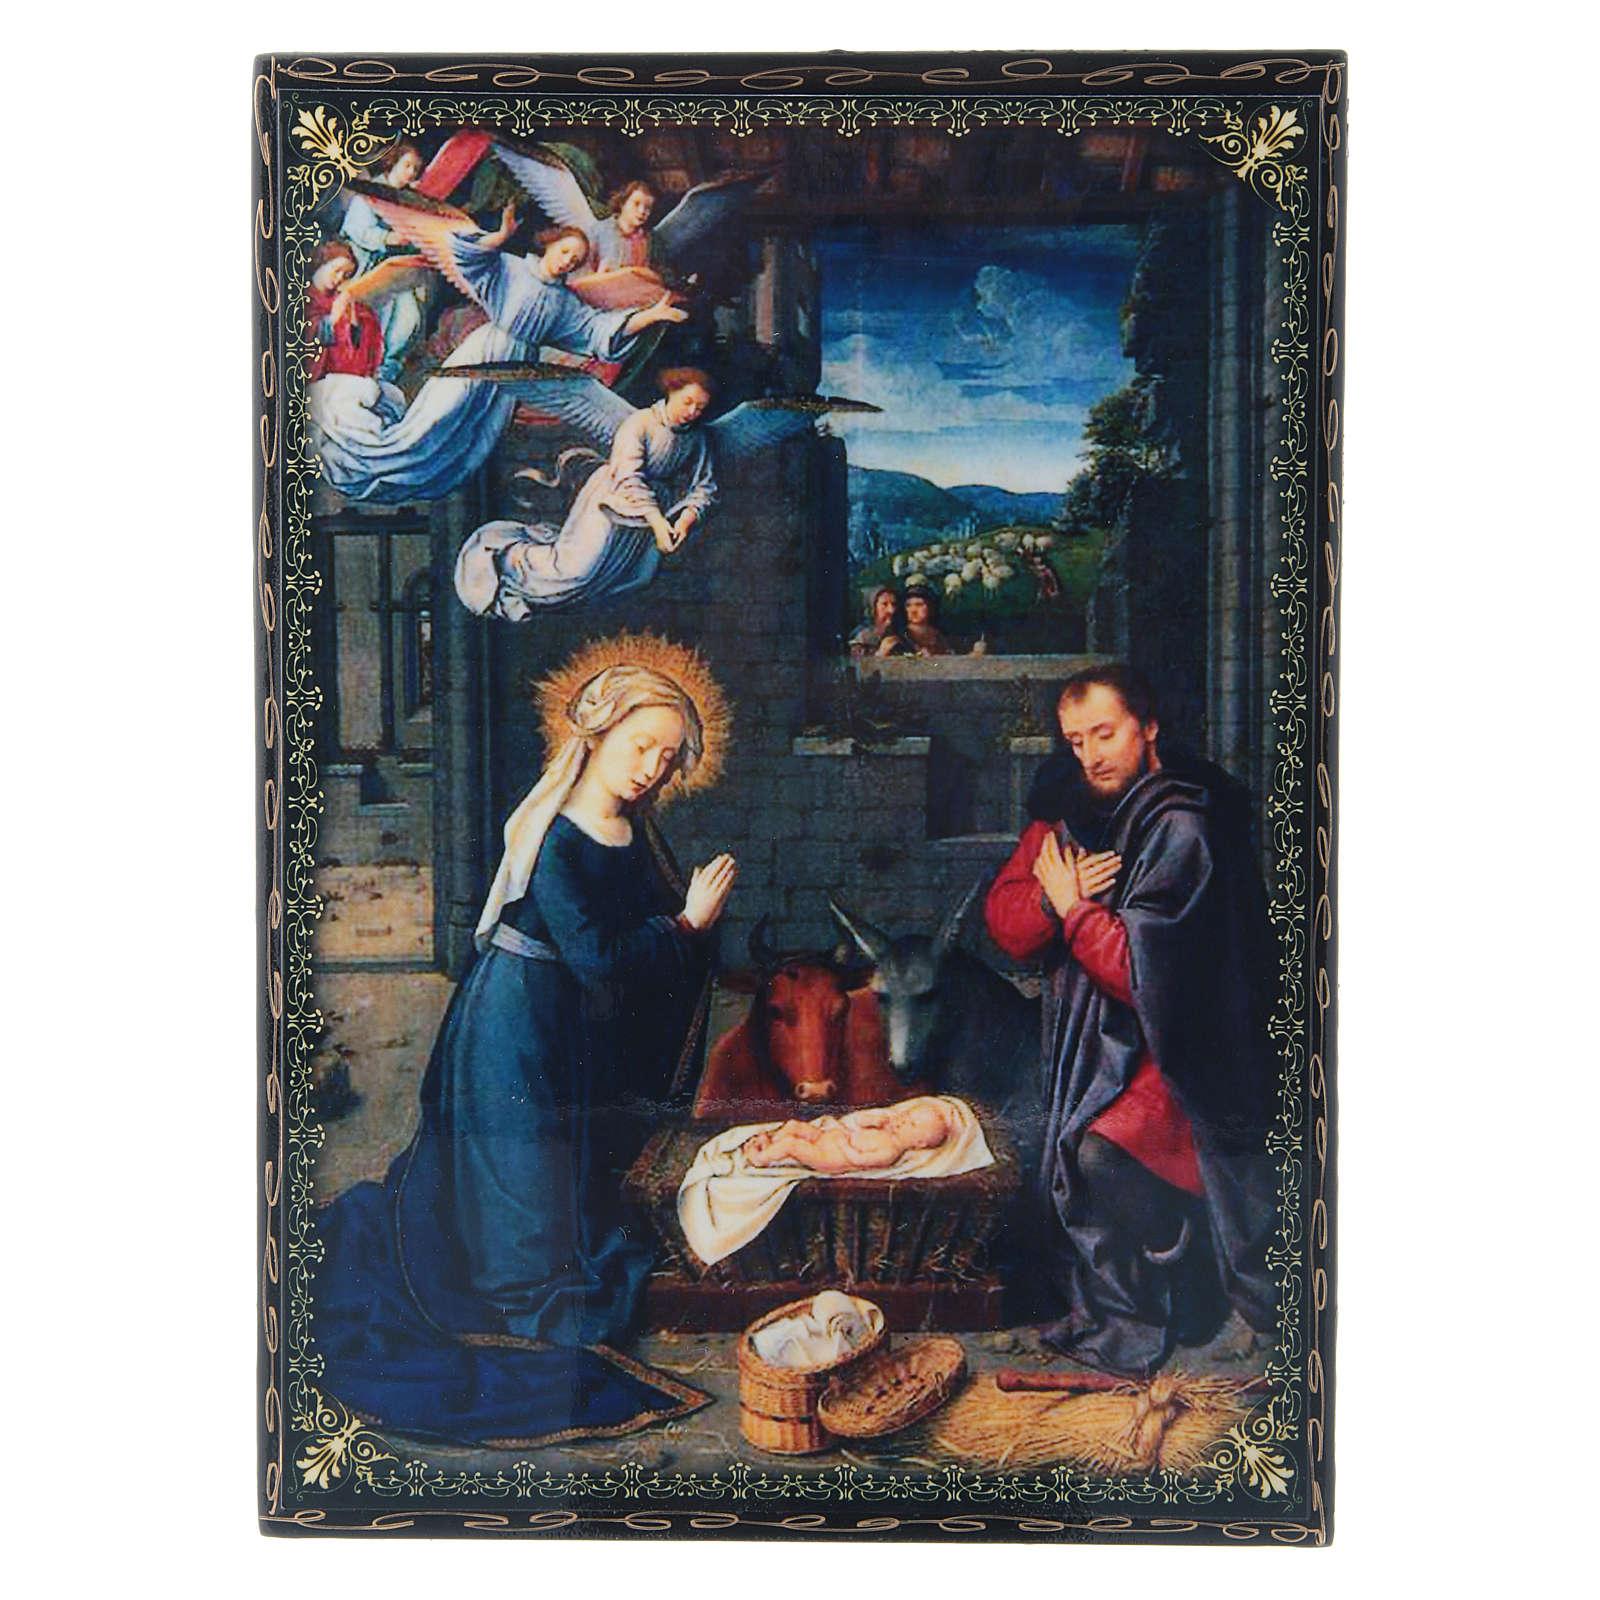 Russian lacquer box The Birth of Jesus Christ 22X16 cm 4